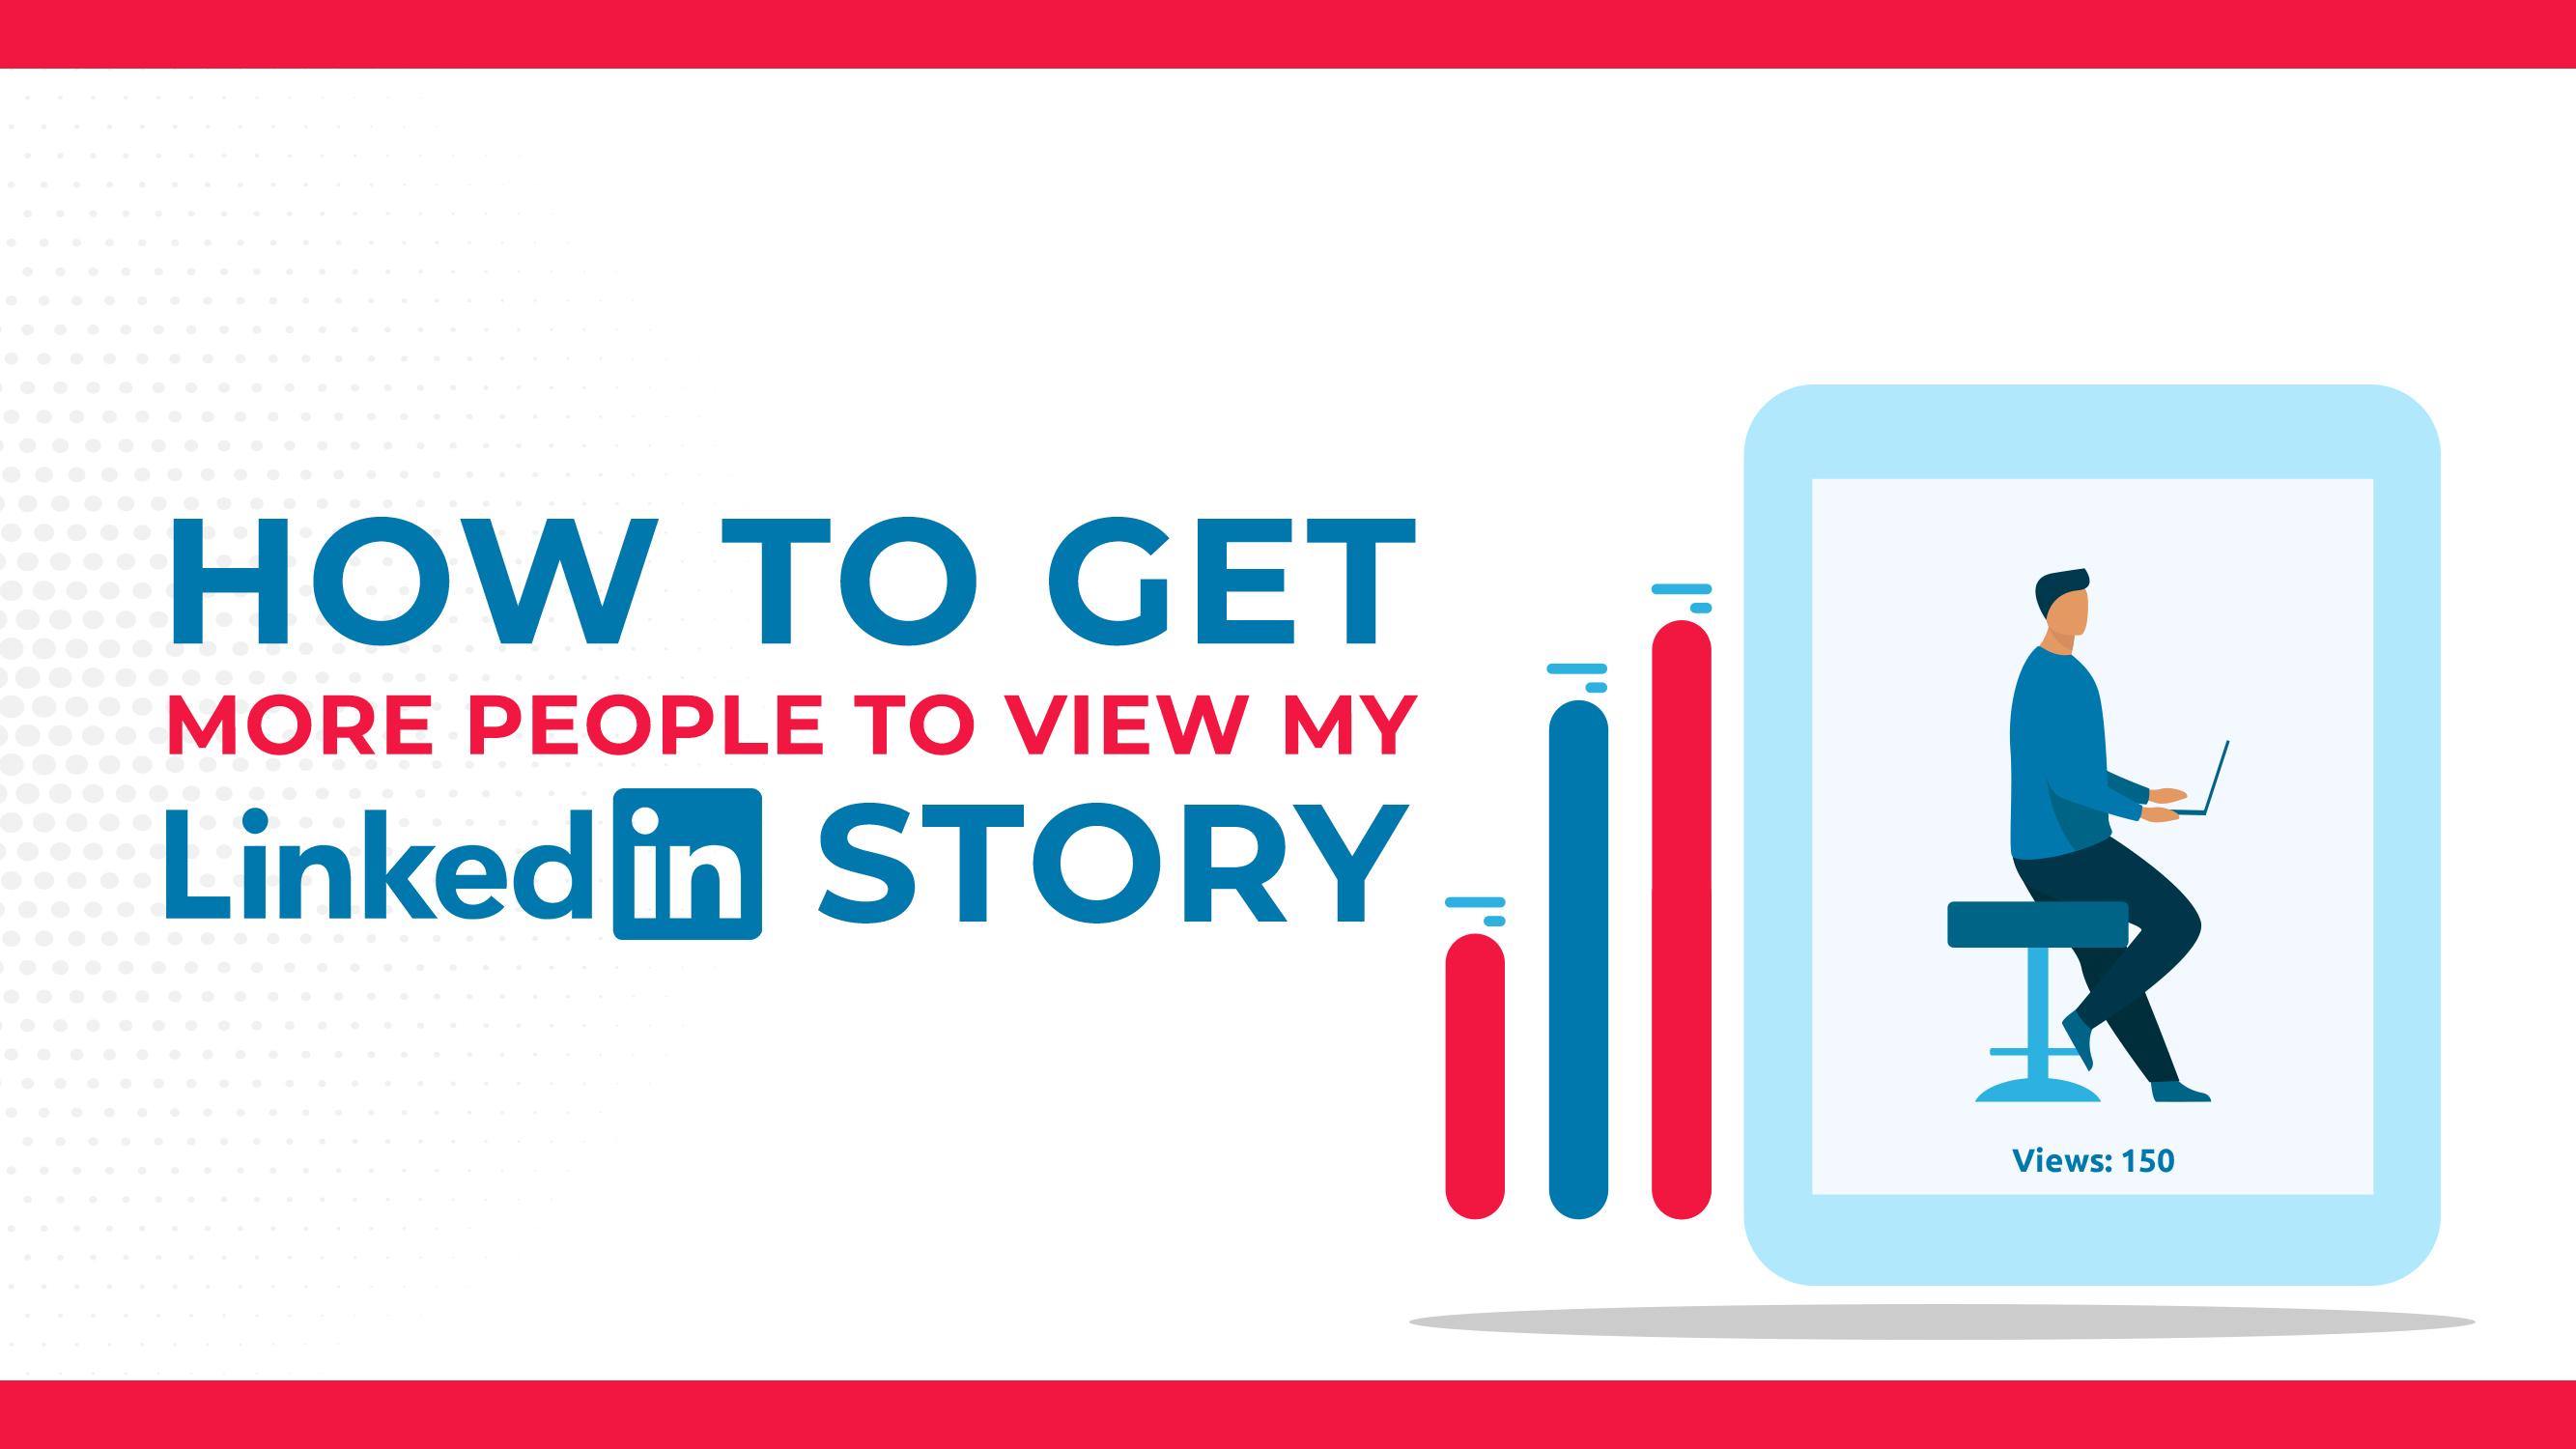 Como conseguir mais pessoas para ver a minha história no LinkedIn